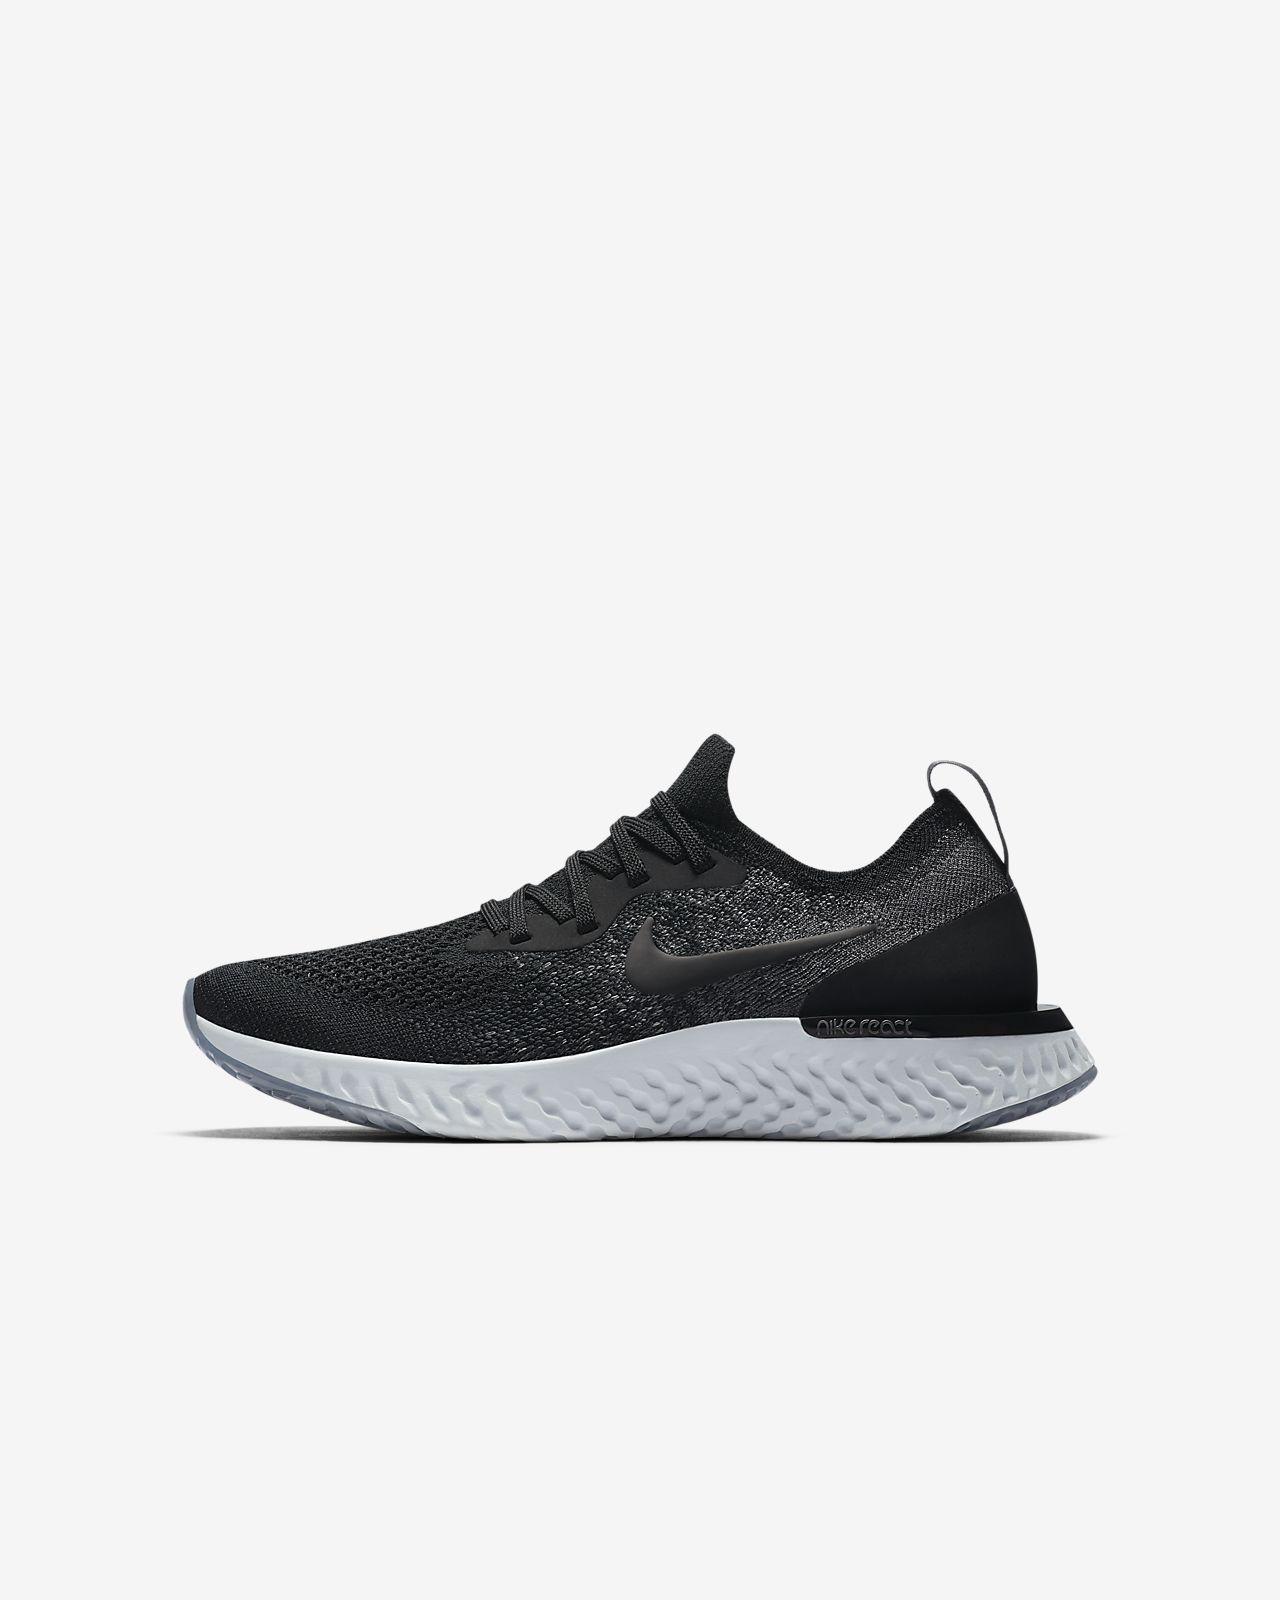 new product 256c5 0e84d ... Chaussure de running Nike Epic React Flyknit 1 pour Enfant plus âgé